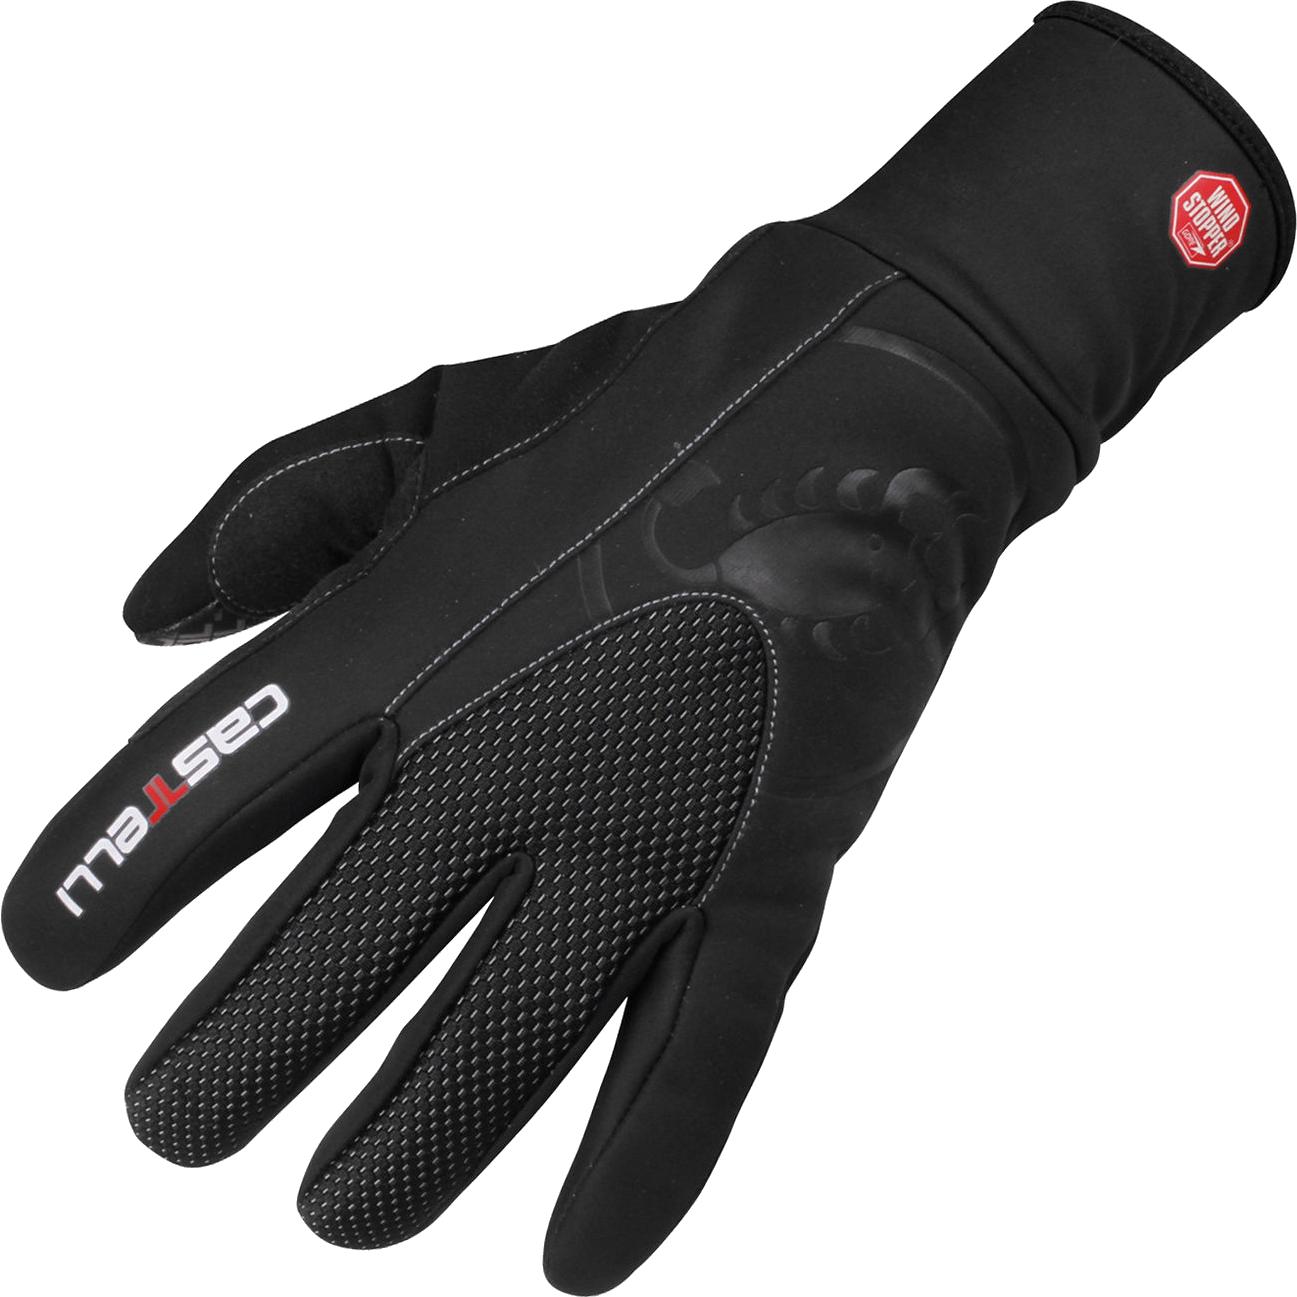 Castelli Gloves PNG Image